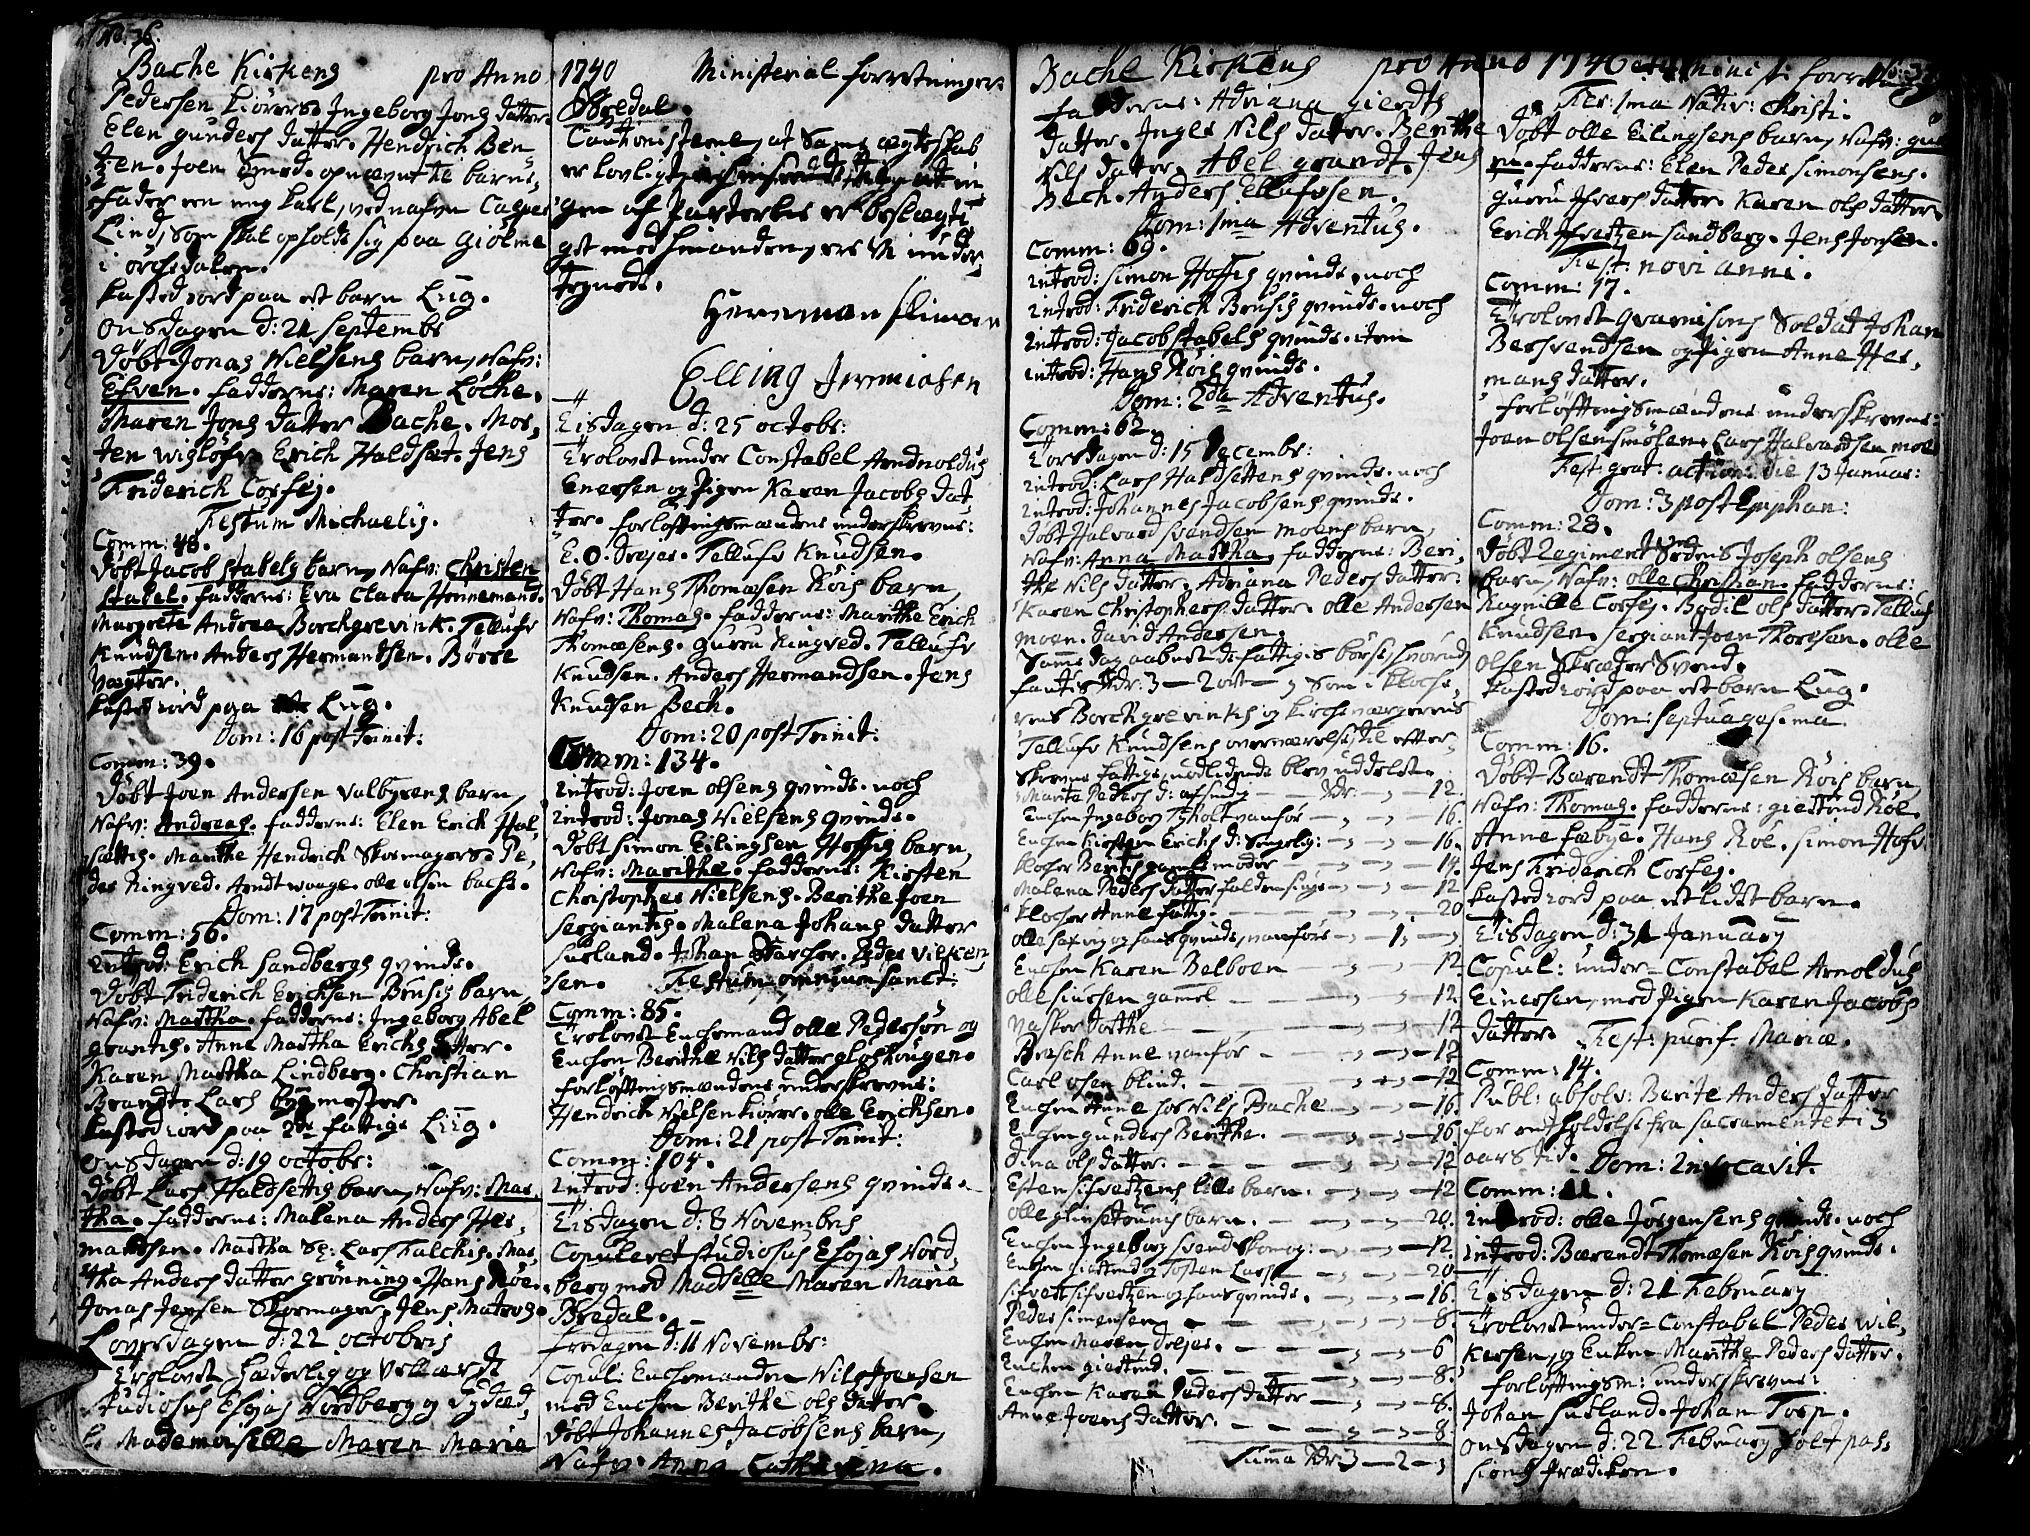 SAT, Ministerialprotokoller, klokkerbøker og fødselsregistre - Sør-Trøndelag, 606/L0276: Ministerialbok nr. 606A01 /2, 1727-1779, s. 36-37